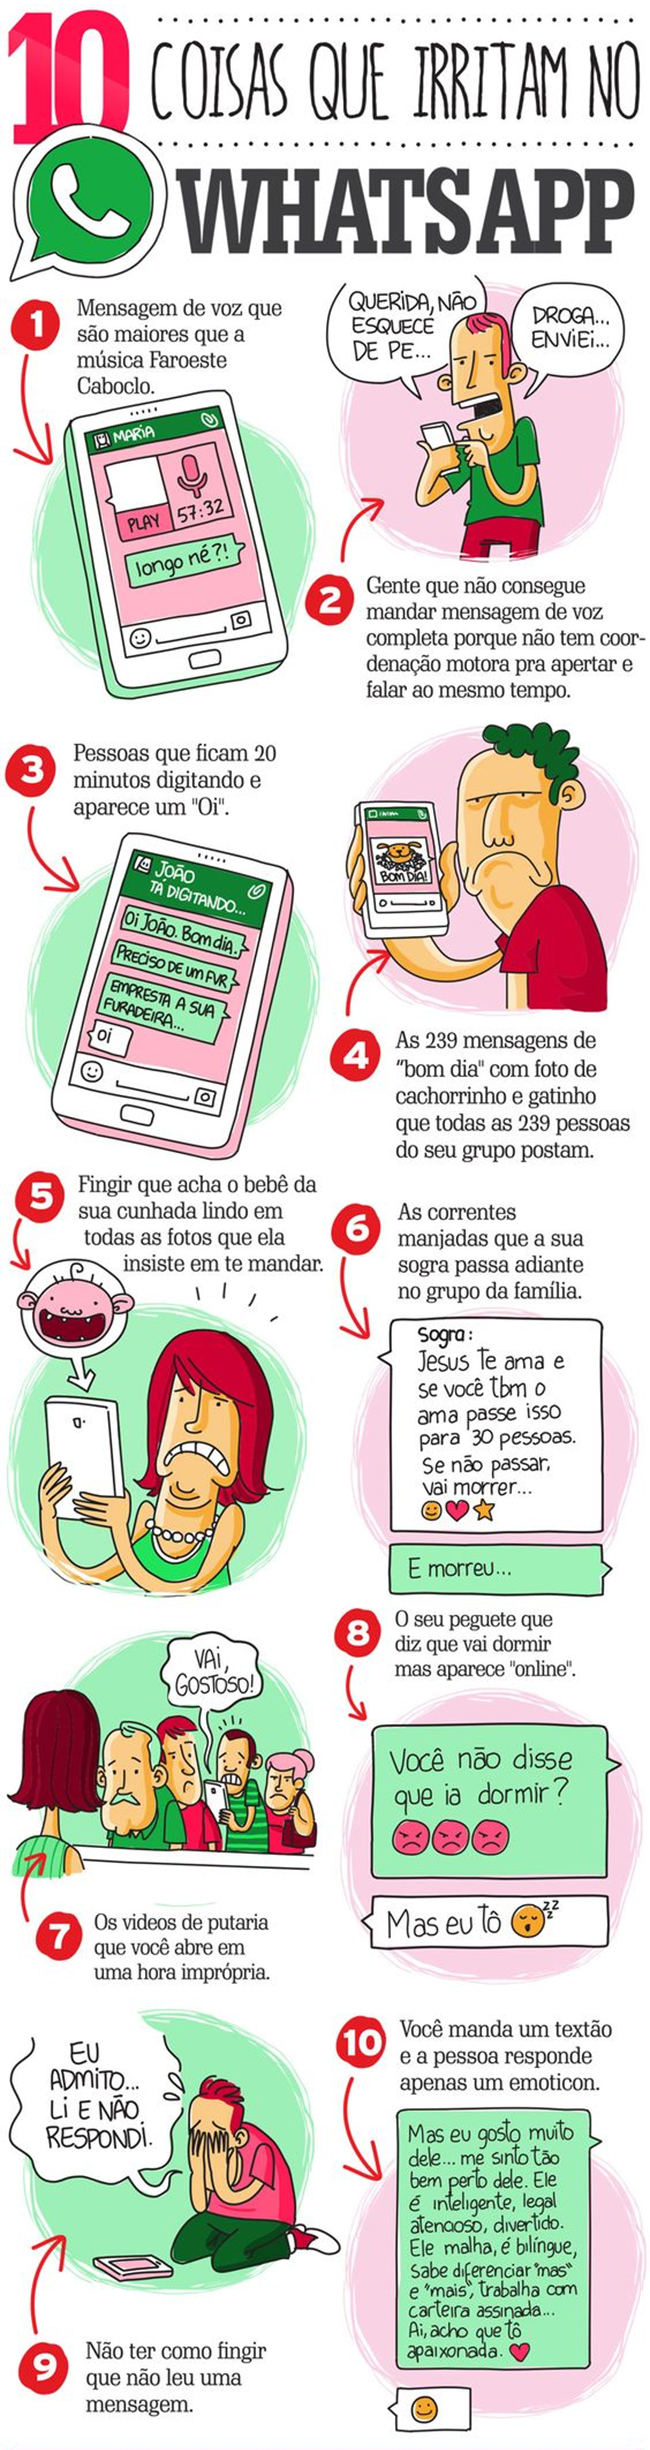 10 coisas que irritam no Whatsapp